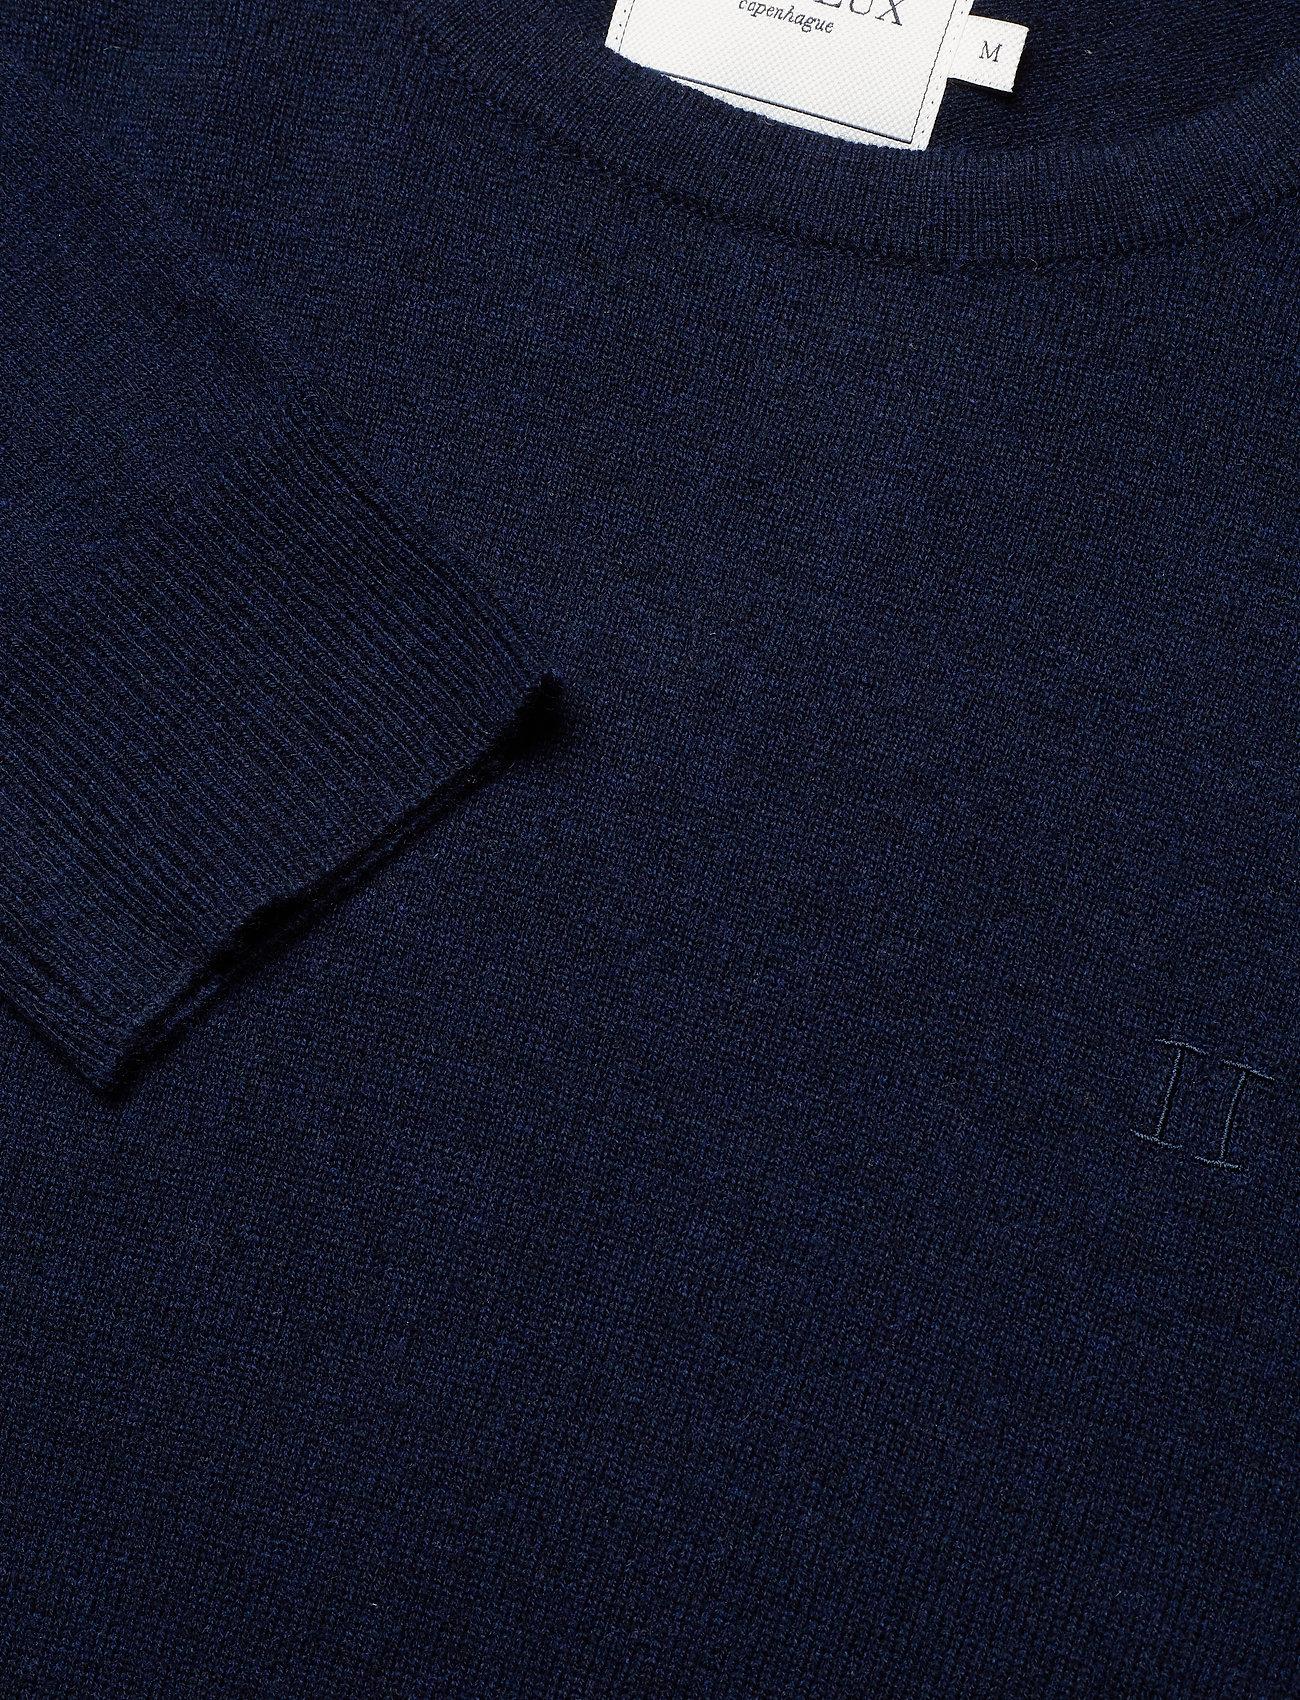 Les Deux Cashmerino Knitwear - Strikkevarer DARK NAVY - Menn Klær